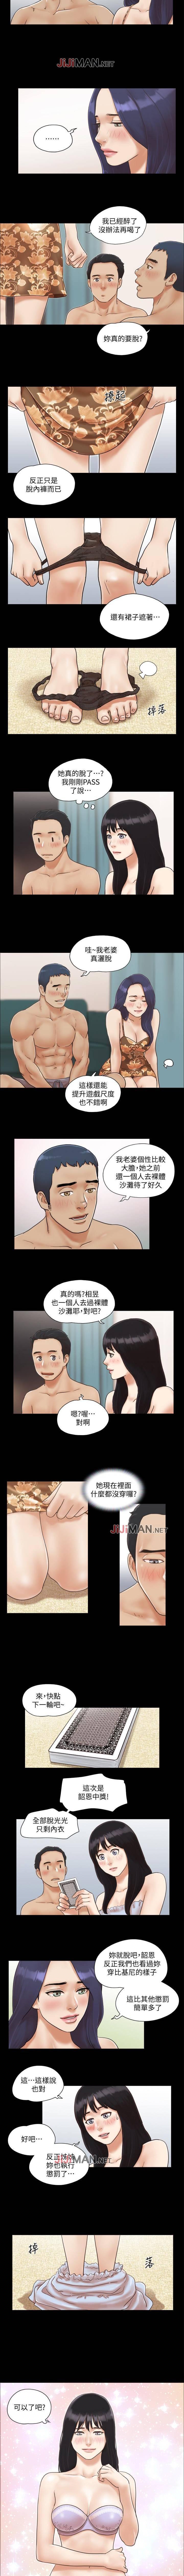 【周五连载】协议换爱(作者:遠德) 第1~62话 17